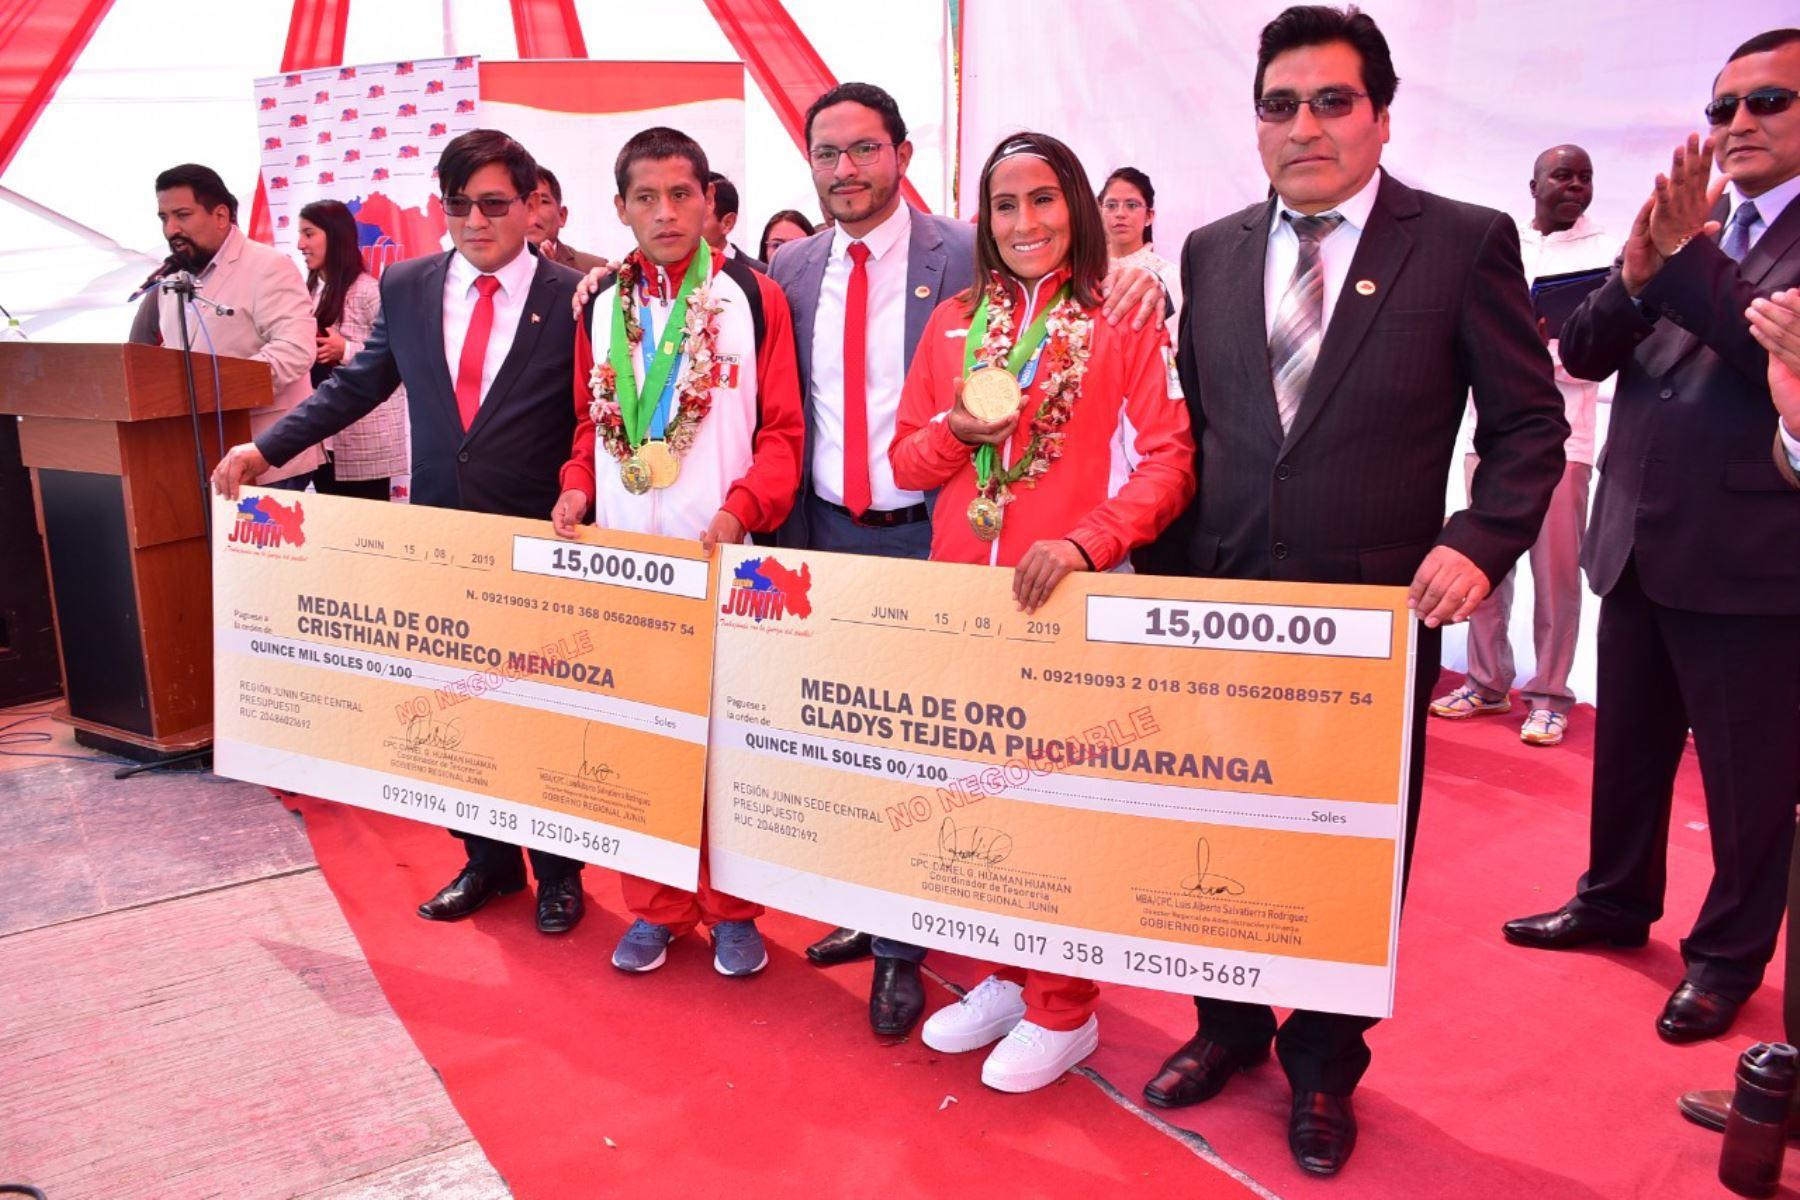 Entregan Sol Libertario de Junín y varios incentivos económicos a atletas Gladys Tejeda y Christian Pacheco ganadores de medalla de oro, en los juegos panamericanos Lima 2019.Foto:ANDINA/Difusión